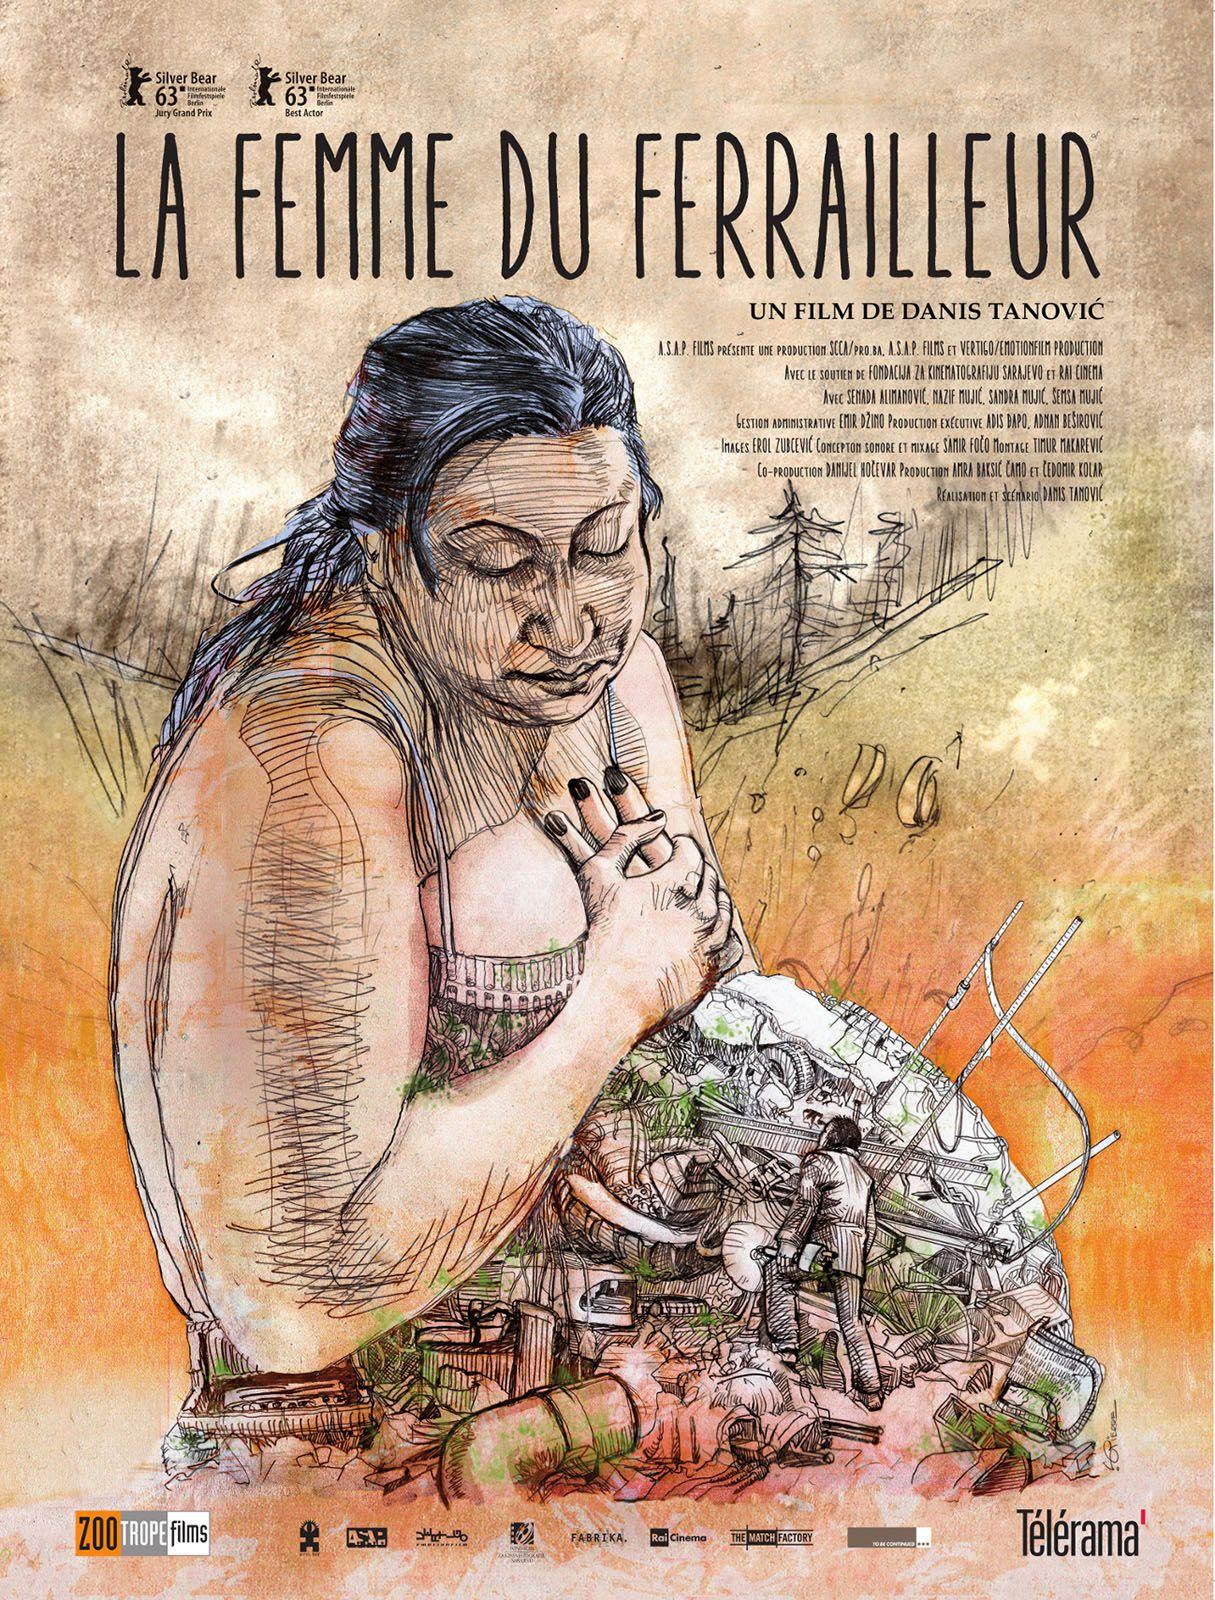 La Femme du ferrailleur - Film (2013)